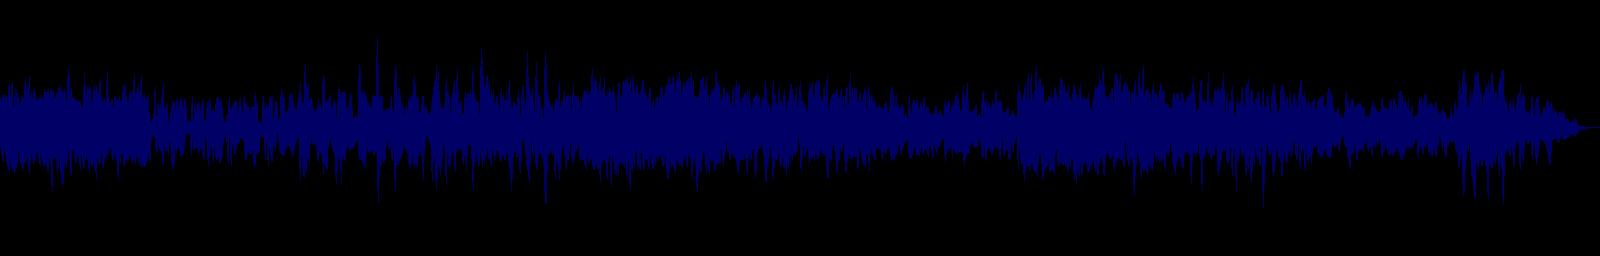 waveform of track #129432